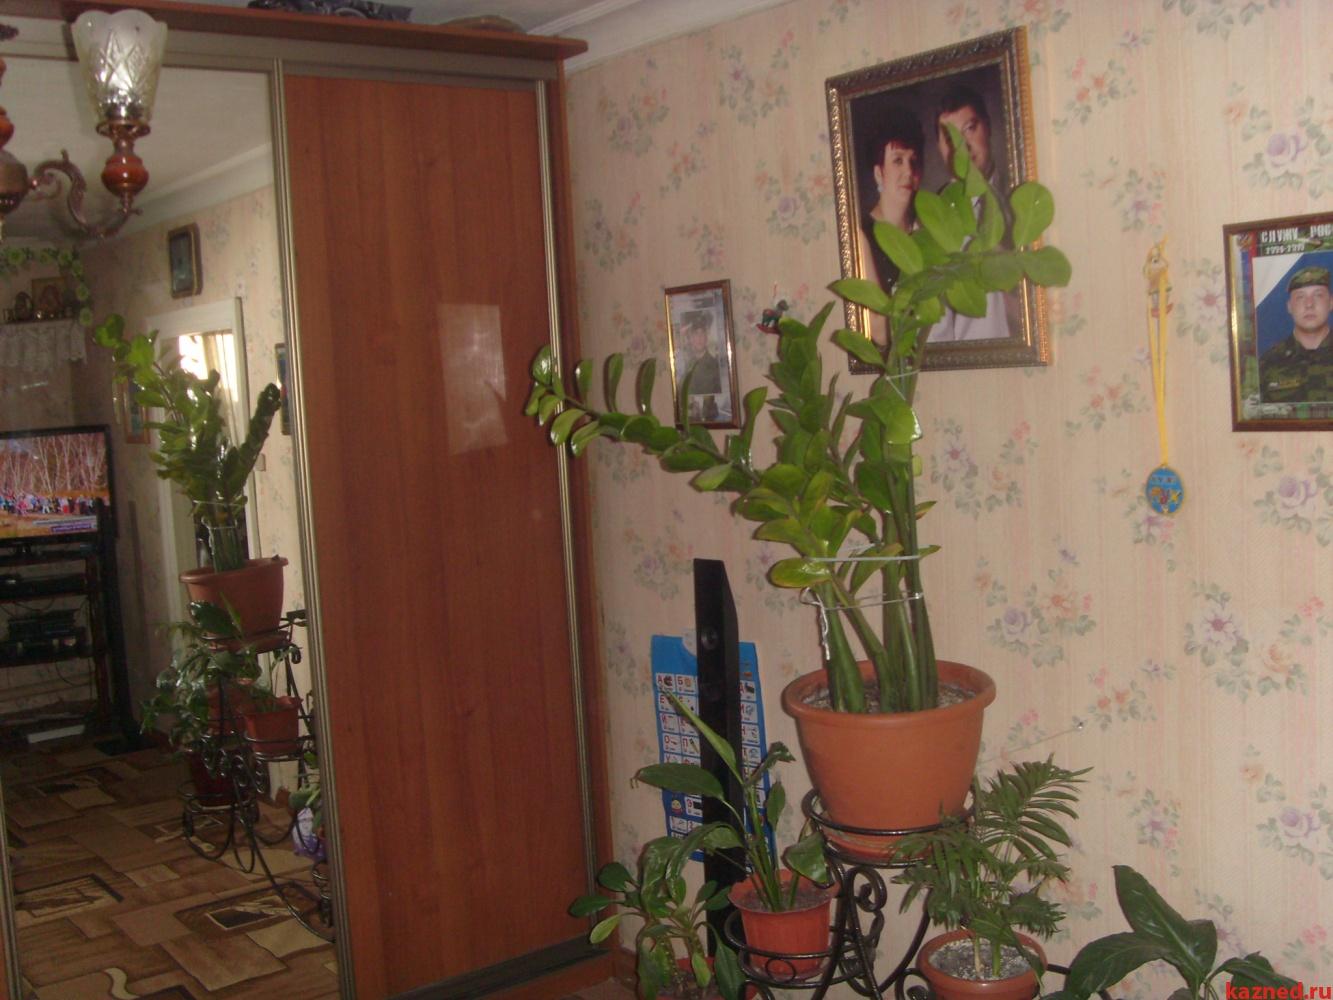 Продажа  дома Сурикова 22, (Аметьево), 90 м²  (миниатюра №1)